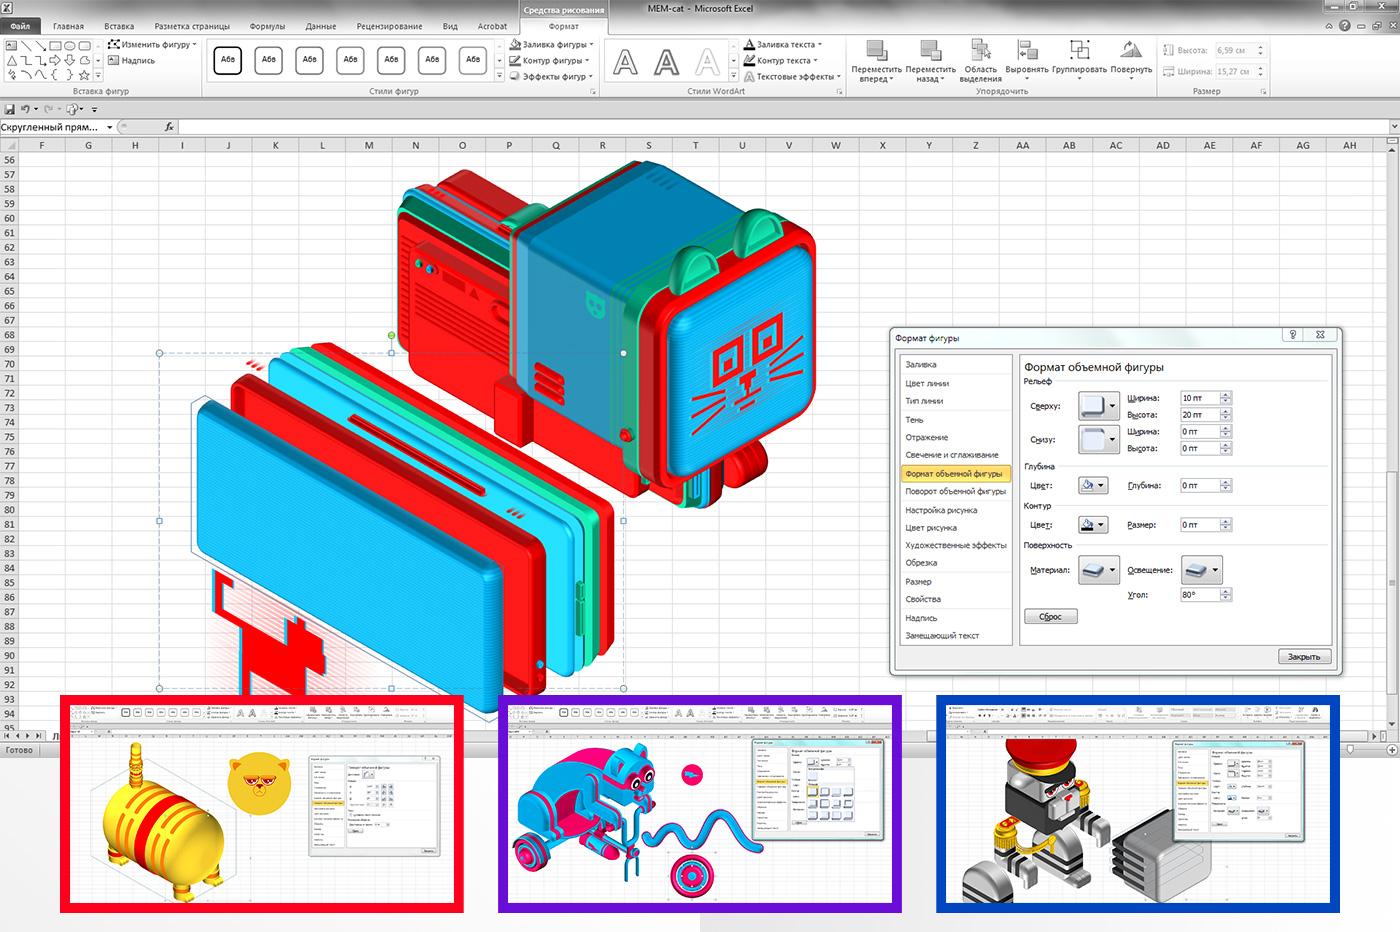 Процесс создания иллюстраций с котами в программе Microsoft Excel